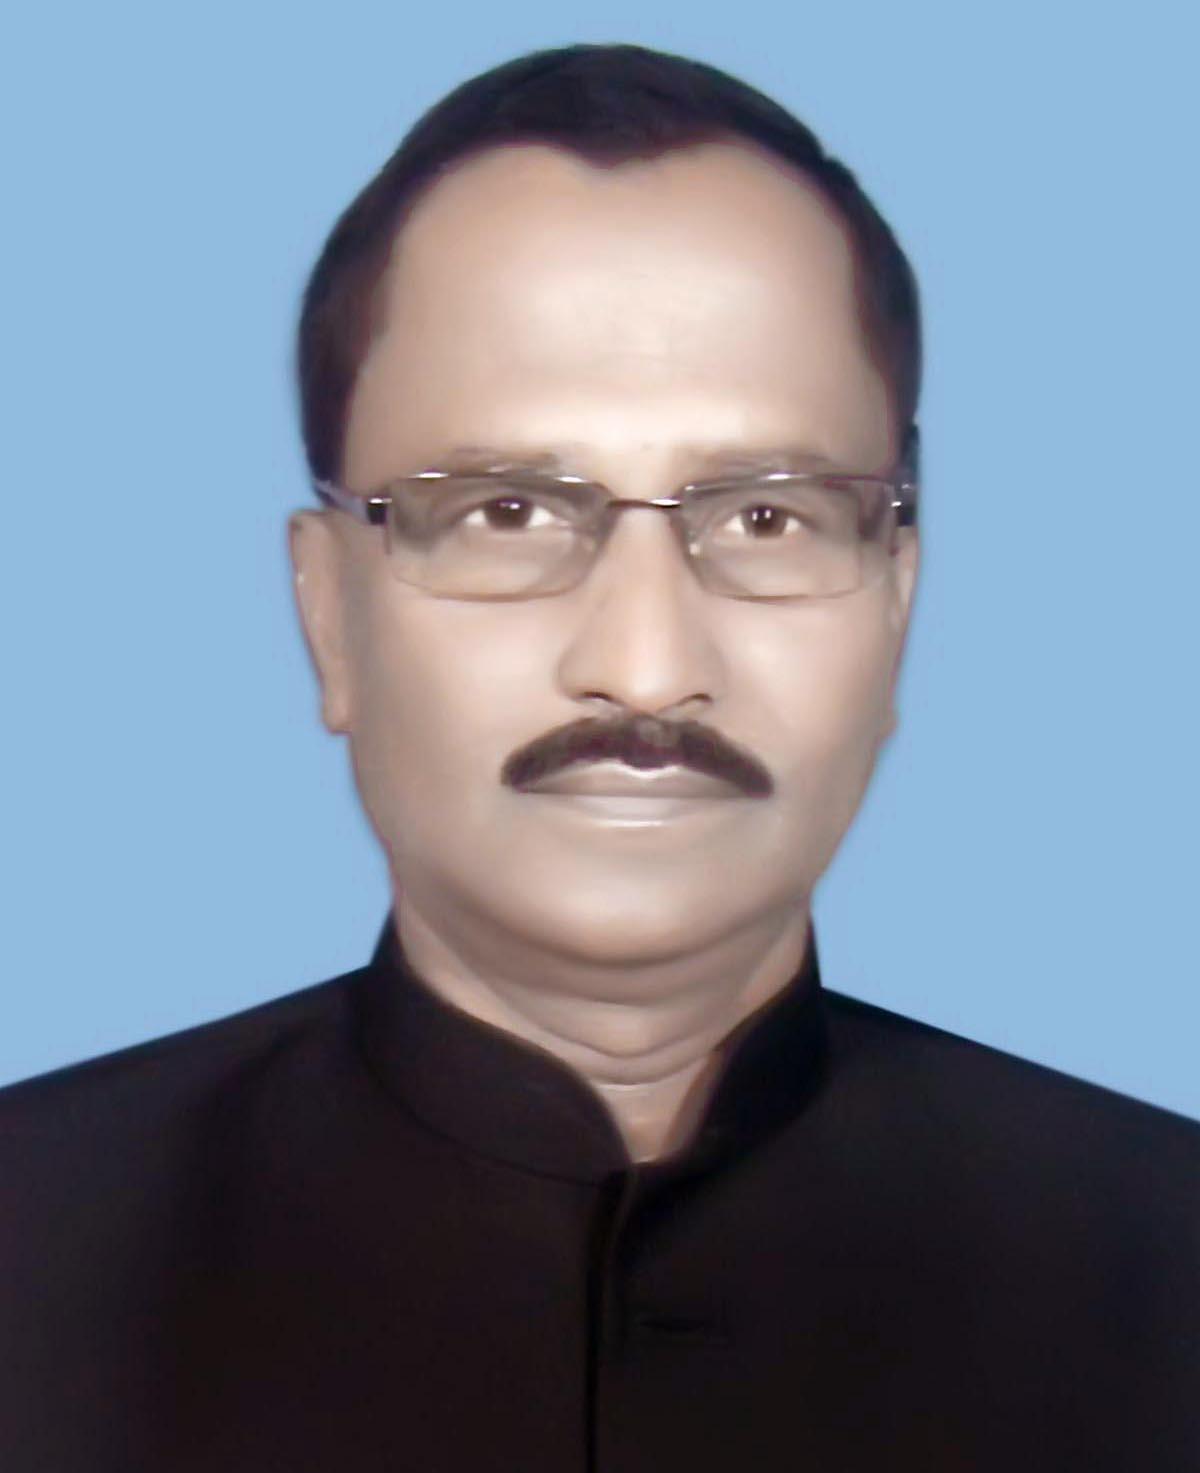 কলাপাড়ায় আওয়ামী লীগ প্রার্থী বিপুল চন্দ্র হাওলাদার মেয়র নির্বাচিত